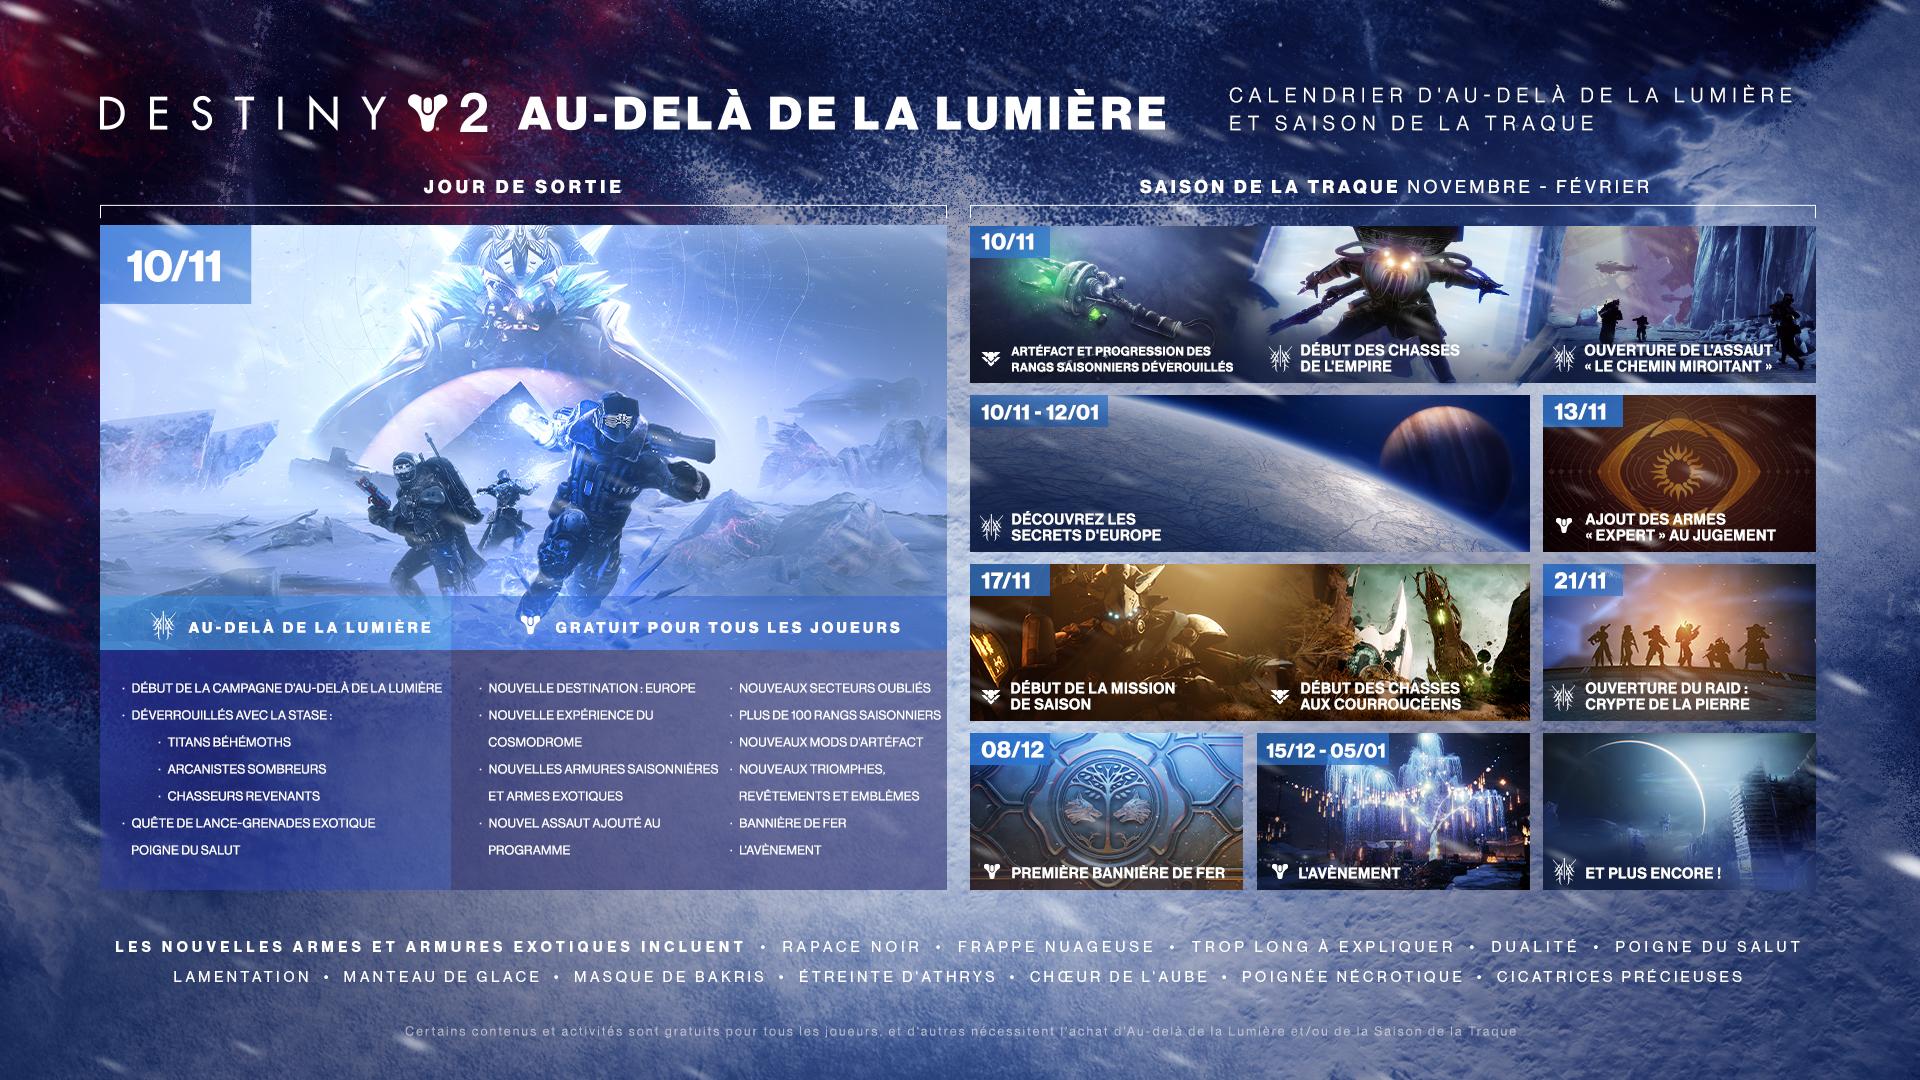 Dlc Destiny 2 Avec Au Dela De La Lumiere Quelles Sont Les Nouveautes Breakflip Actualite Guides Et Astuces Esport Et Jeu Video